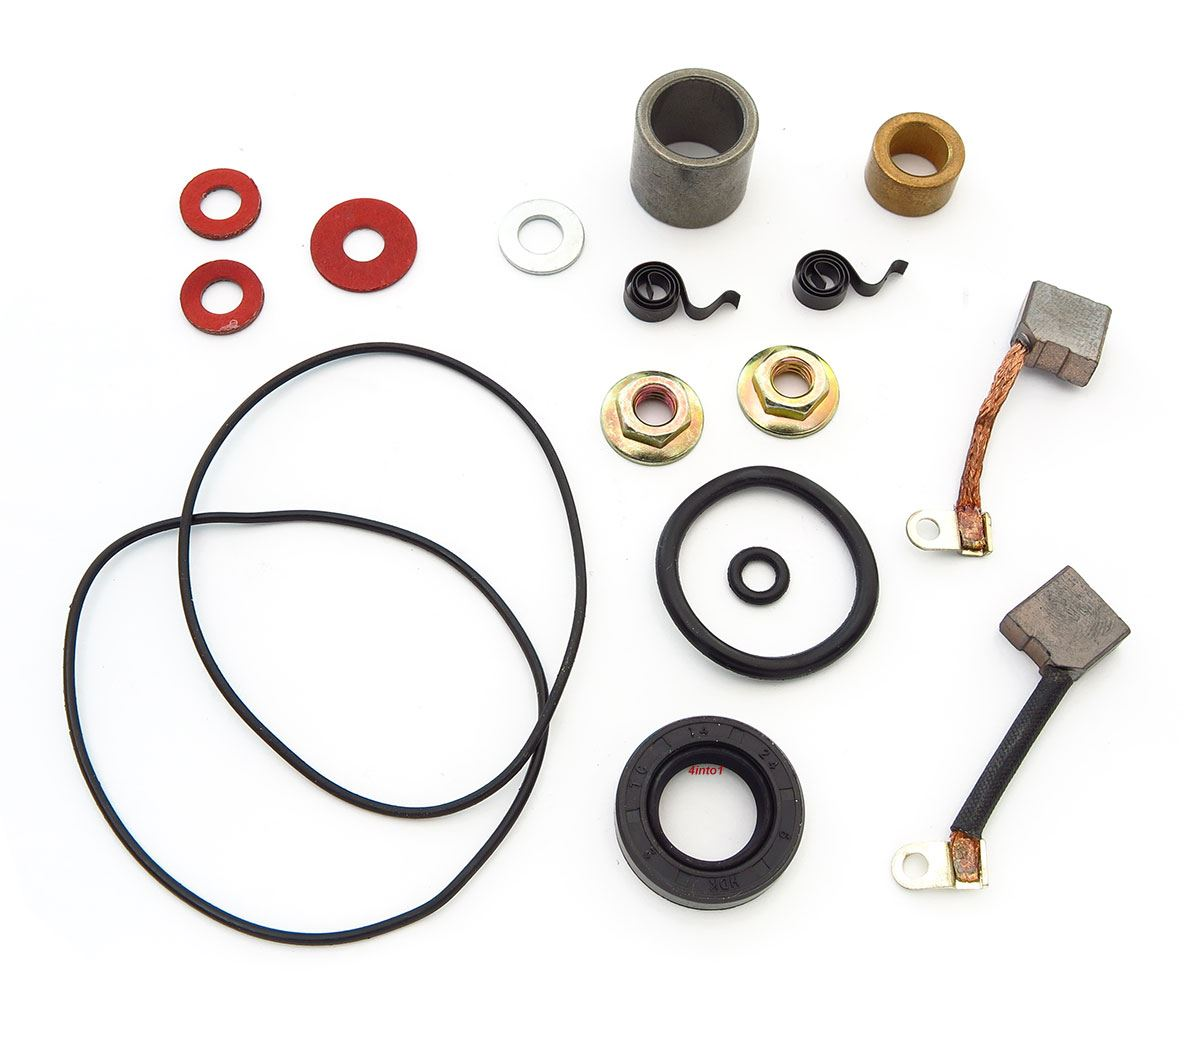 Arrowhead Starter Motor Rebuild Kit Honda Cb400 Cm400 Cb45 Cm450 Smu9133 Ebay